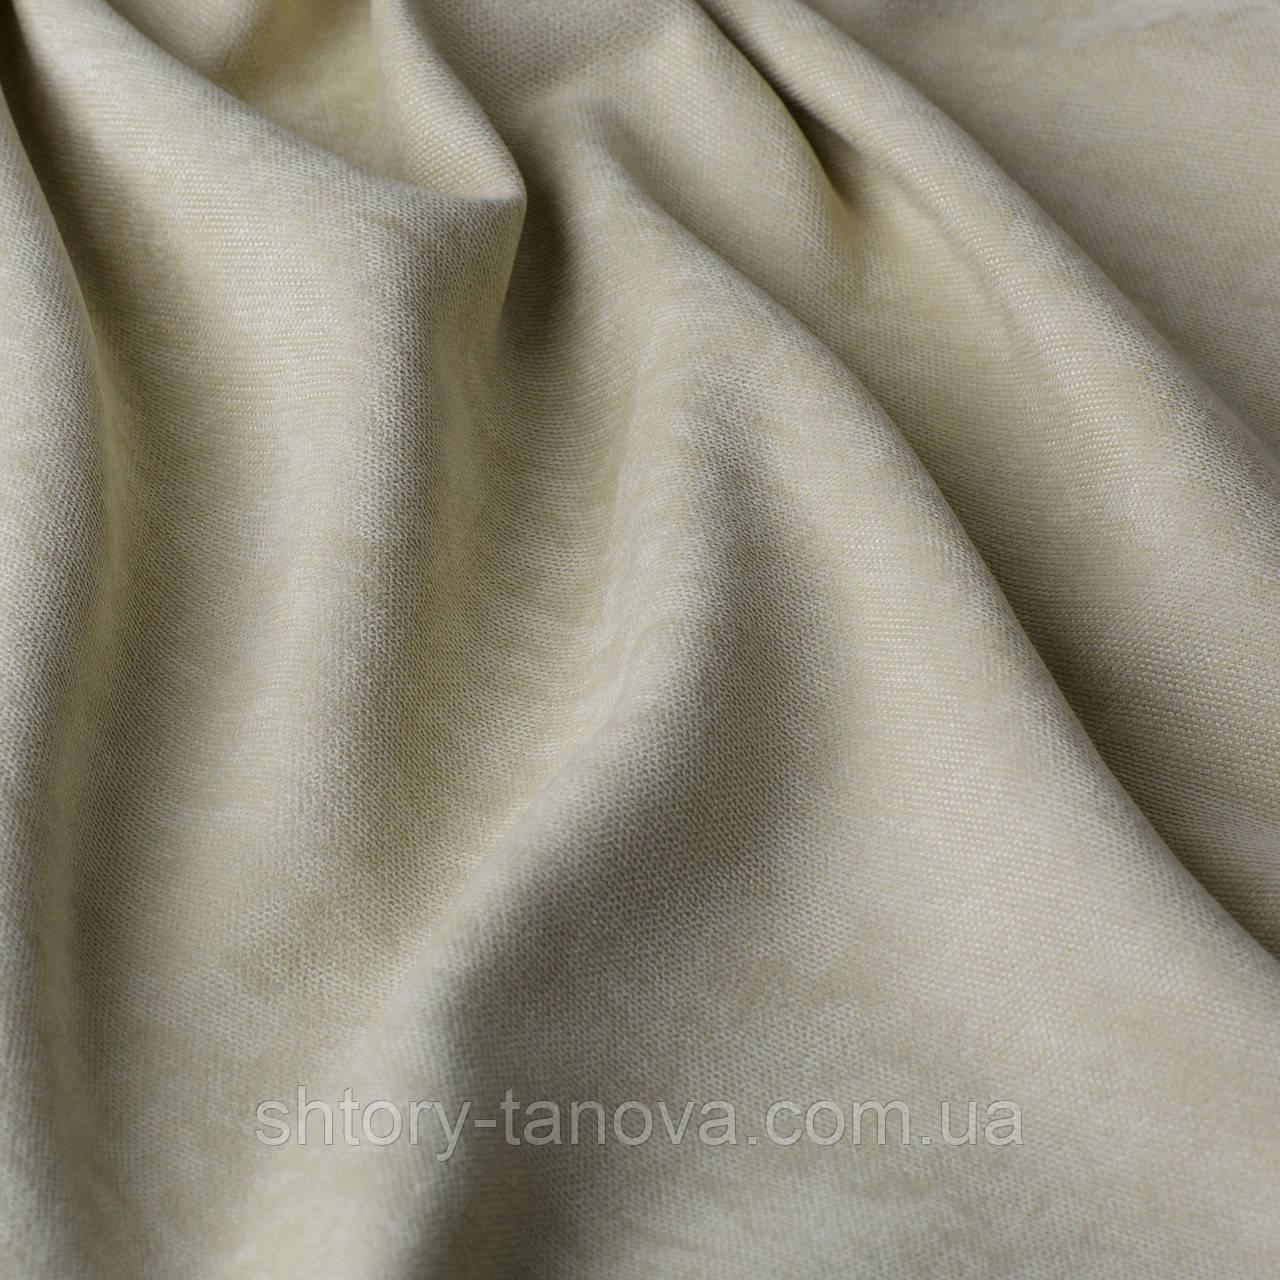 Купить ткань для штор производства турция что это такое кожа алькантара